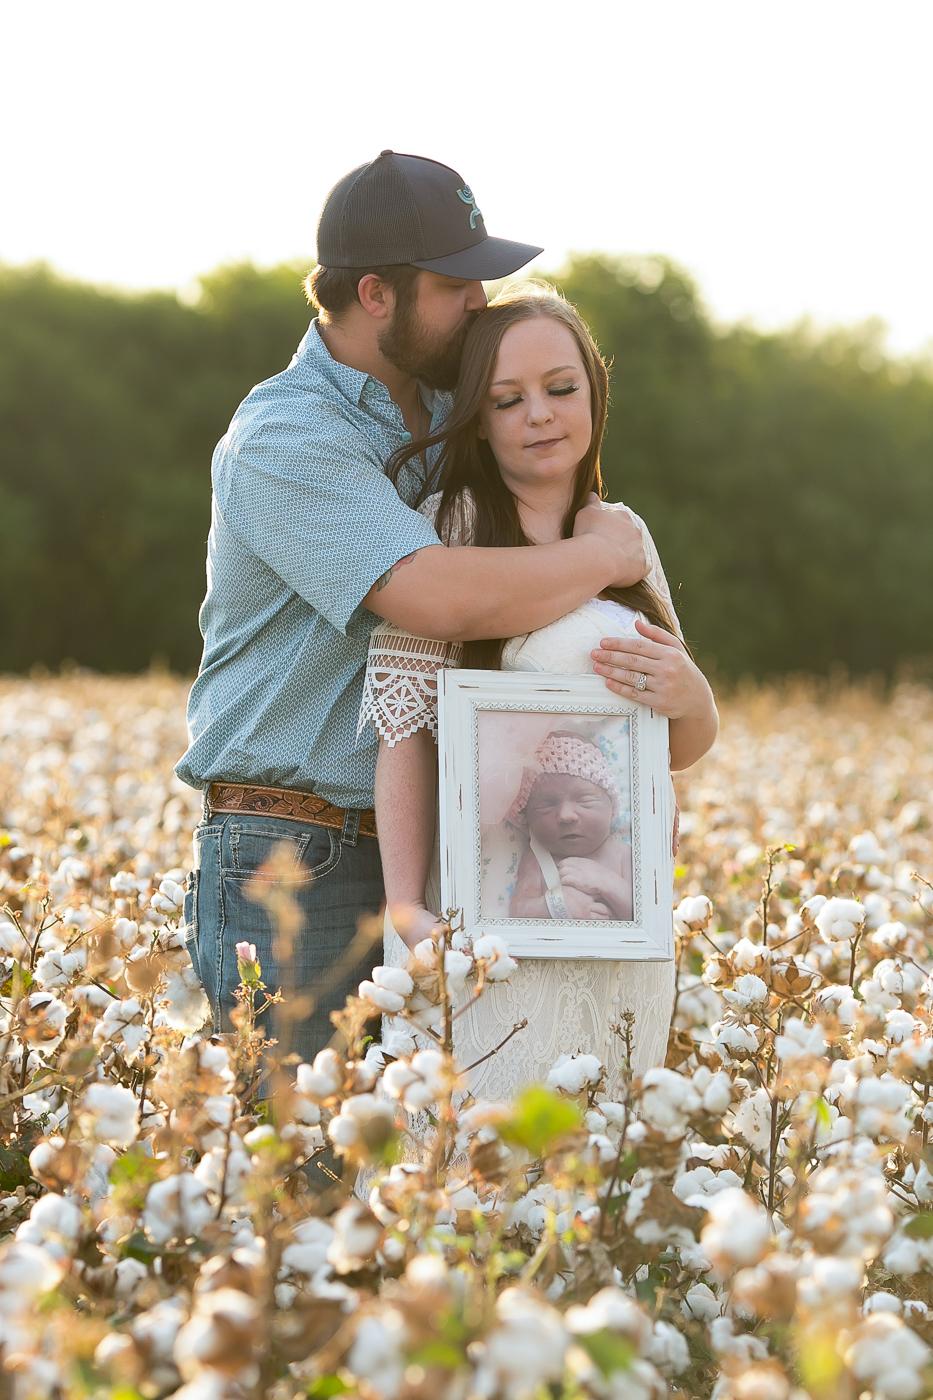 couples-cotton-field-portrait-mini-session-san-antonio-lytle-2.jpg